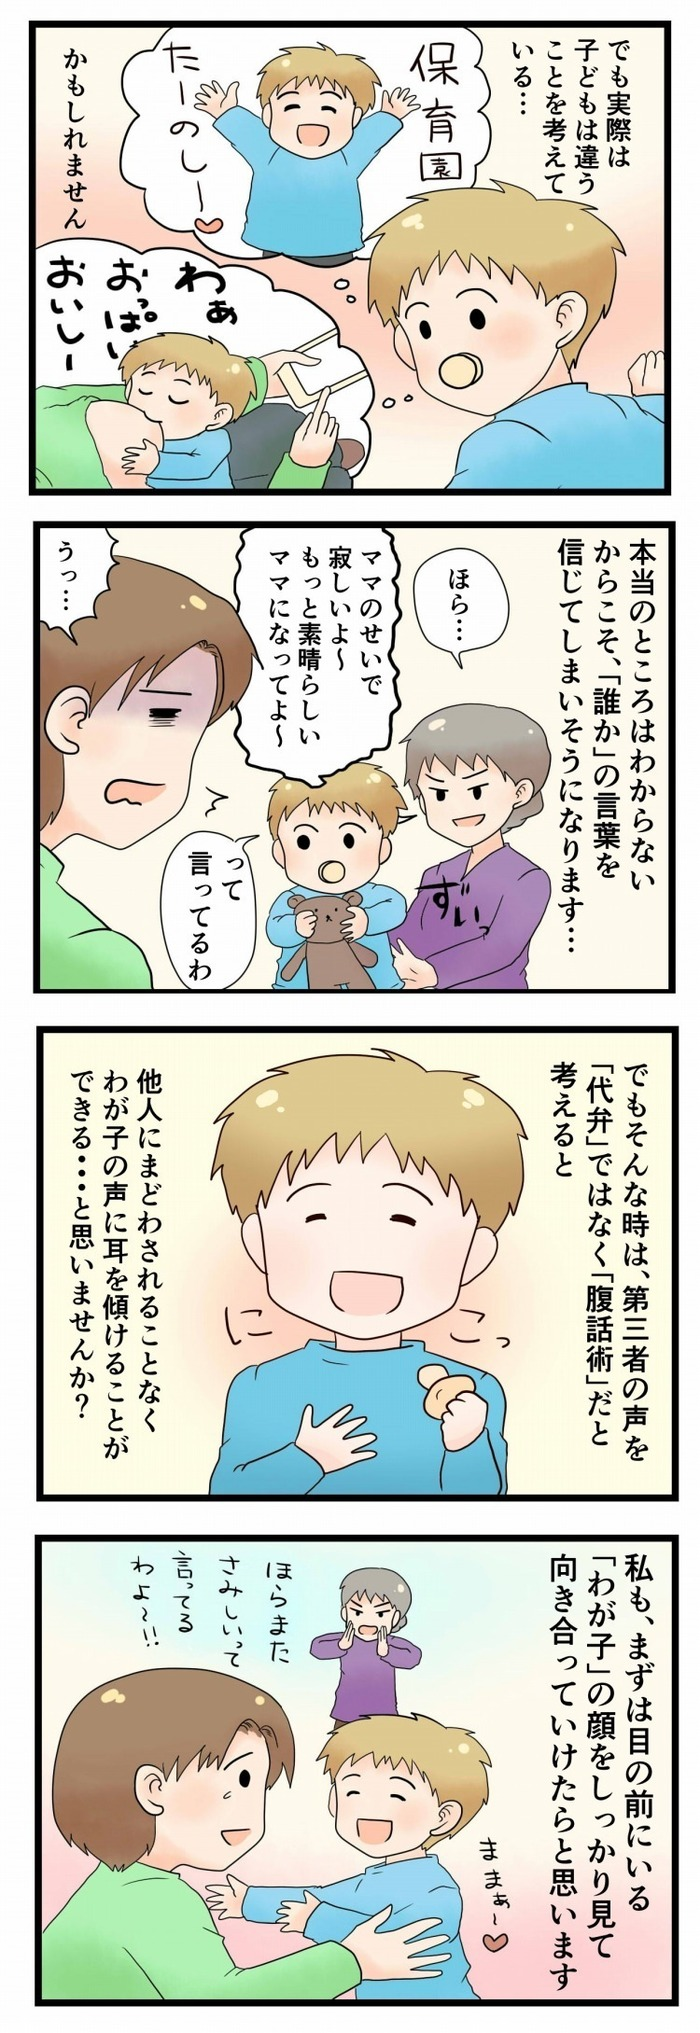 第三者の「子どもがさみしいって言ってるよ?」という言葉。実は「代弁」ではなく「腹話術」かもしれませんの画像2